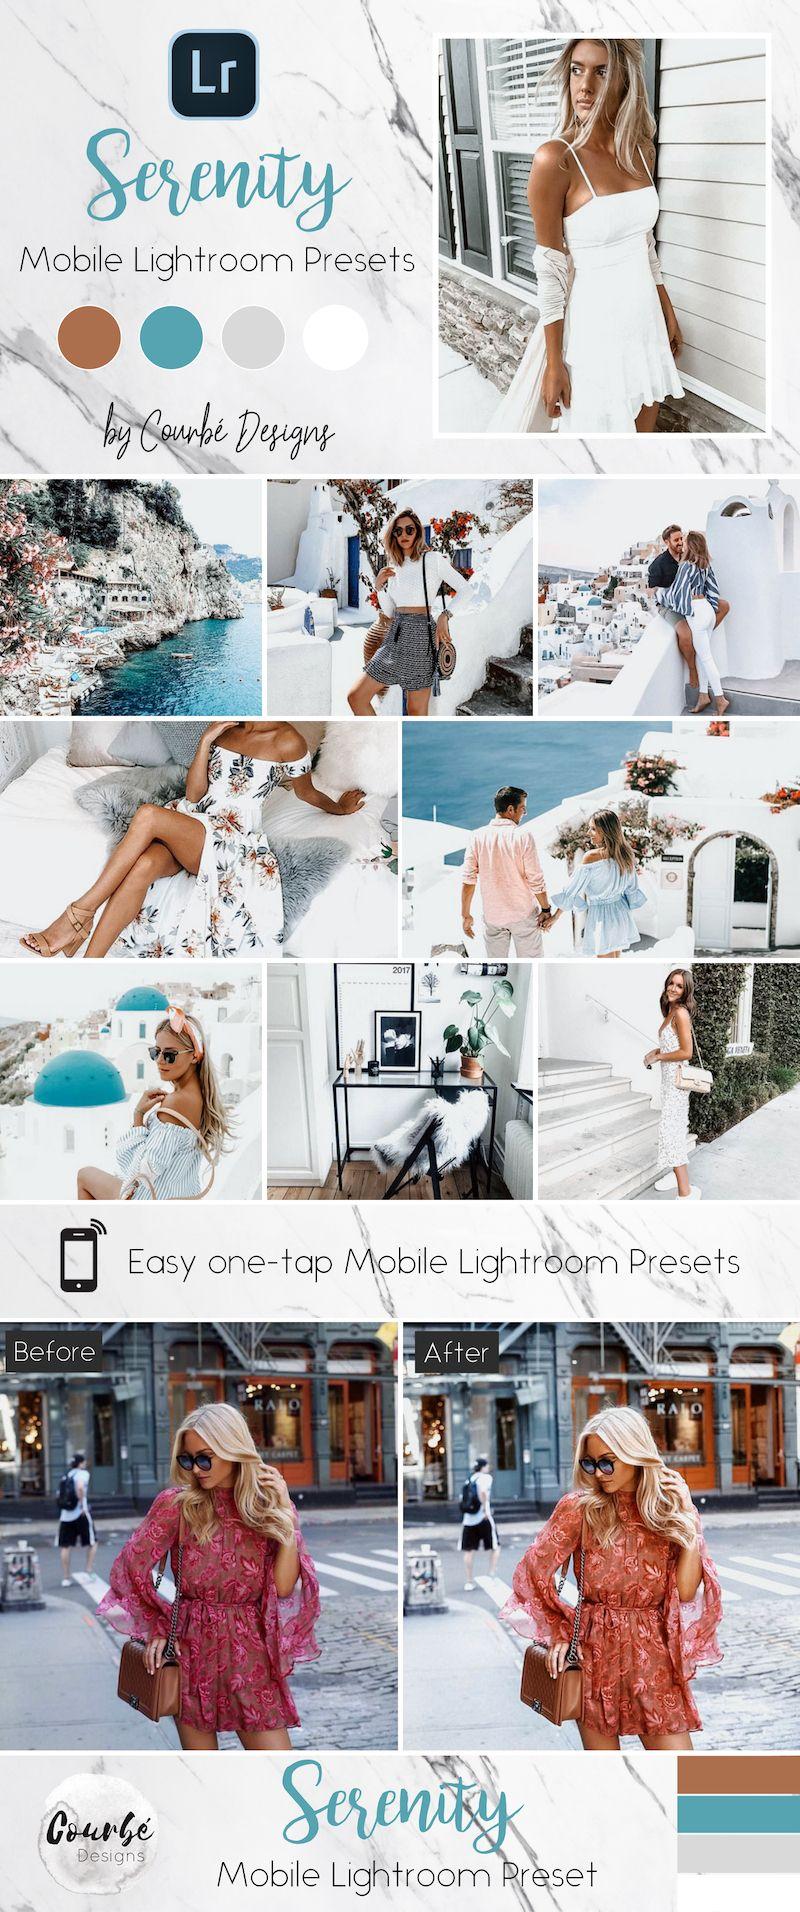 6 Mobile Lightroom Presets Serenity Instagram Presets Etsy Lightroom Presets Lightroom Lightroom Presets Portrait